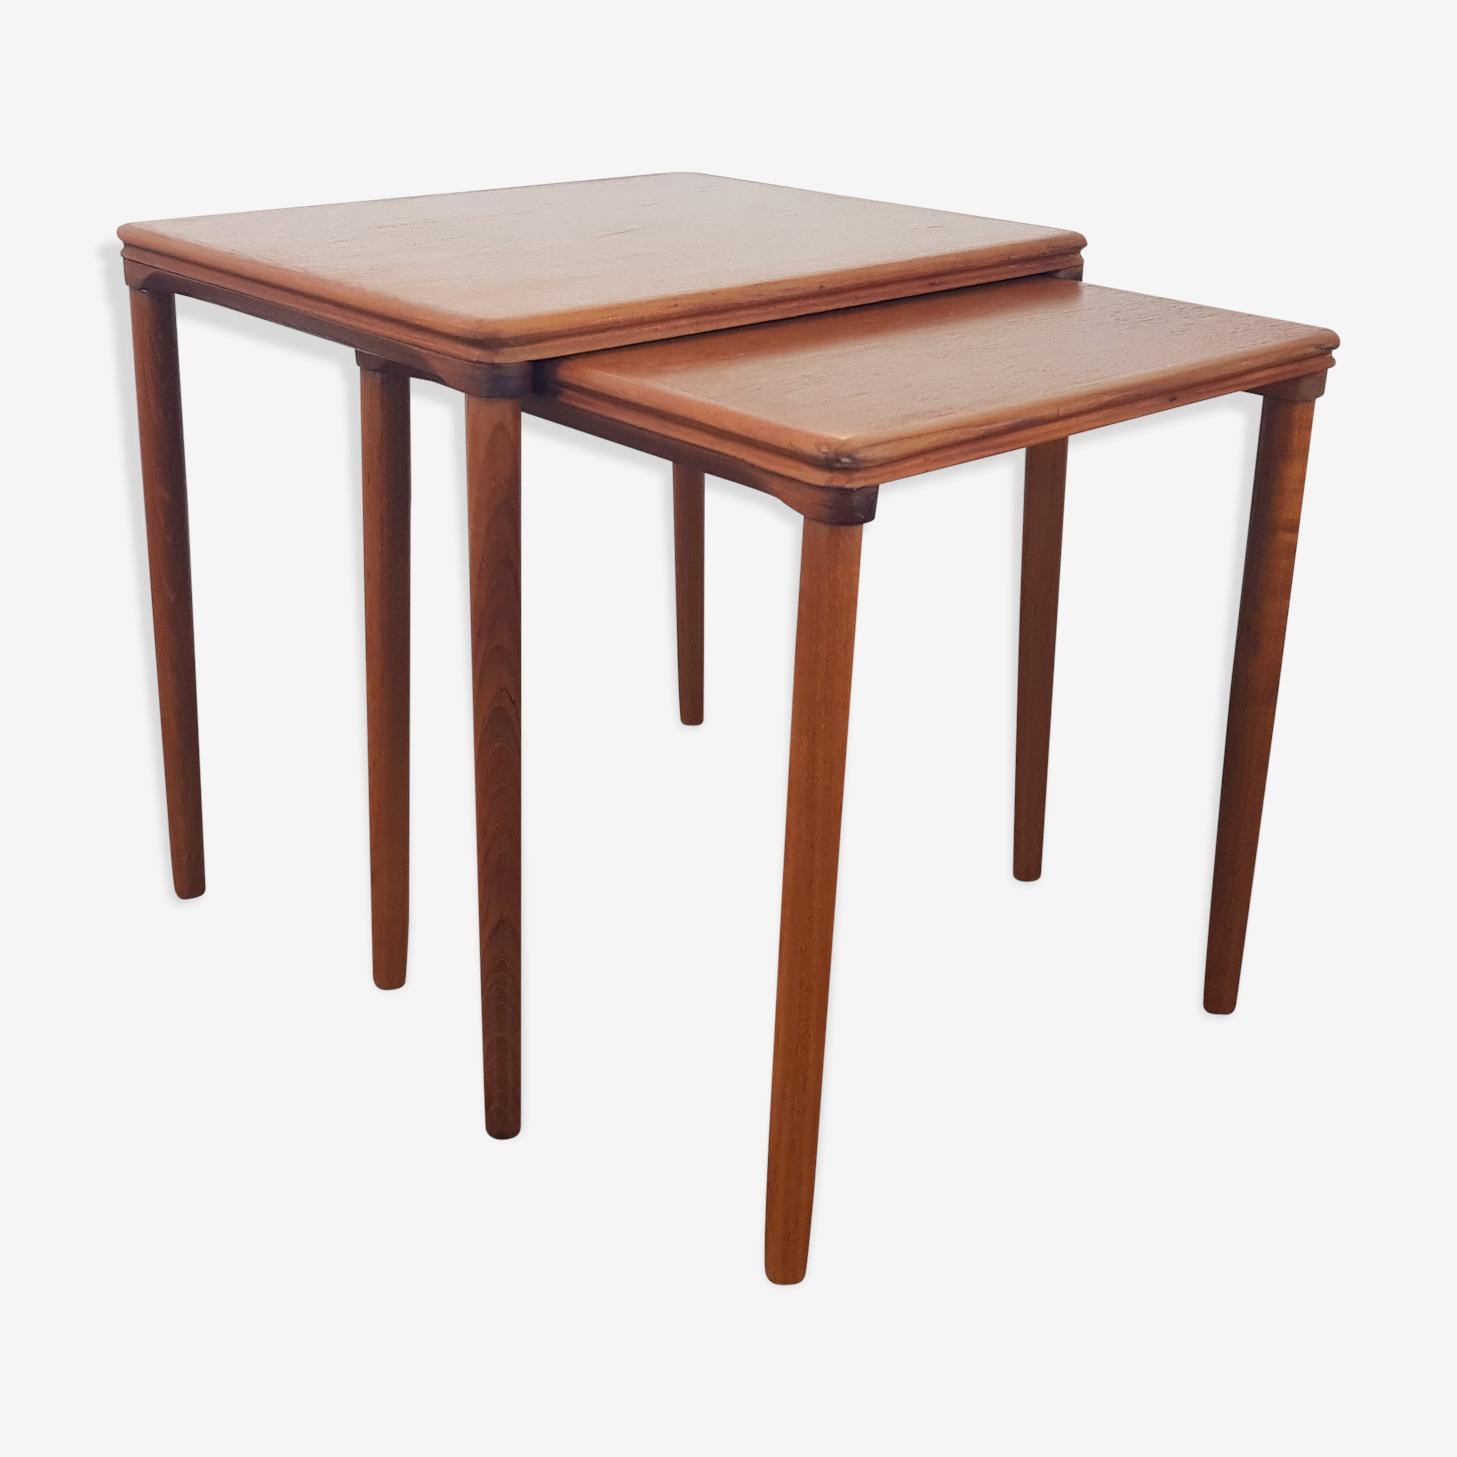 Tables gigognes par E W Bach pour Mobelfabrikken Toften, années 1960